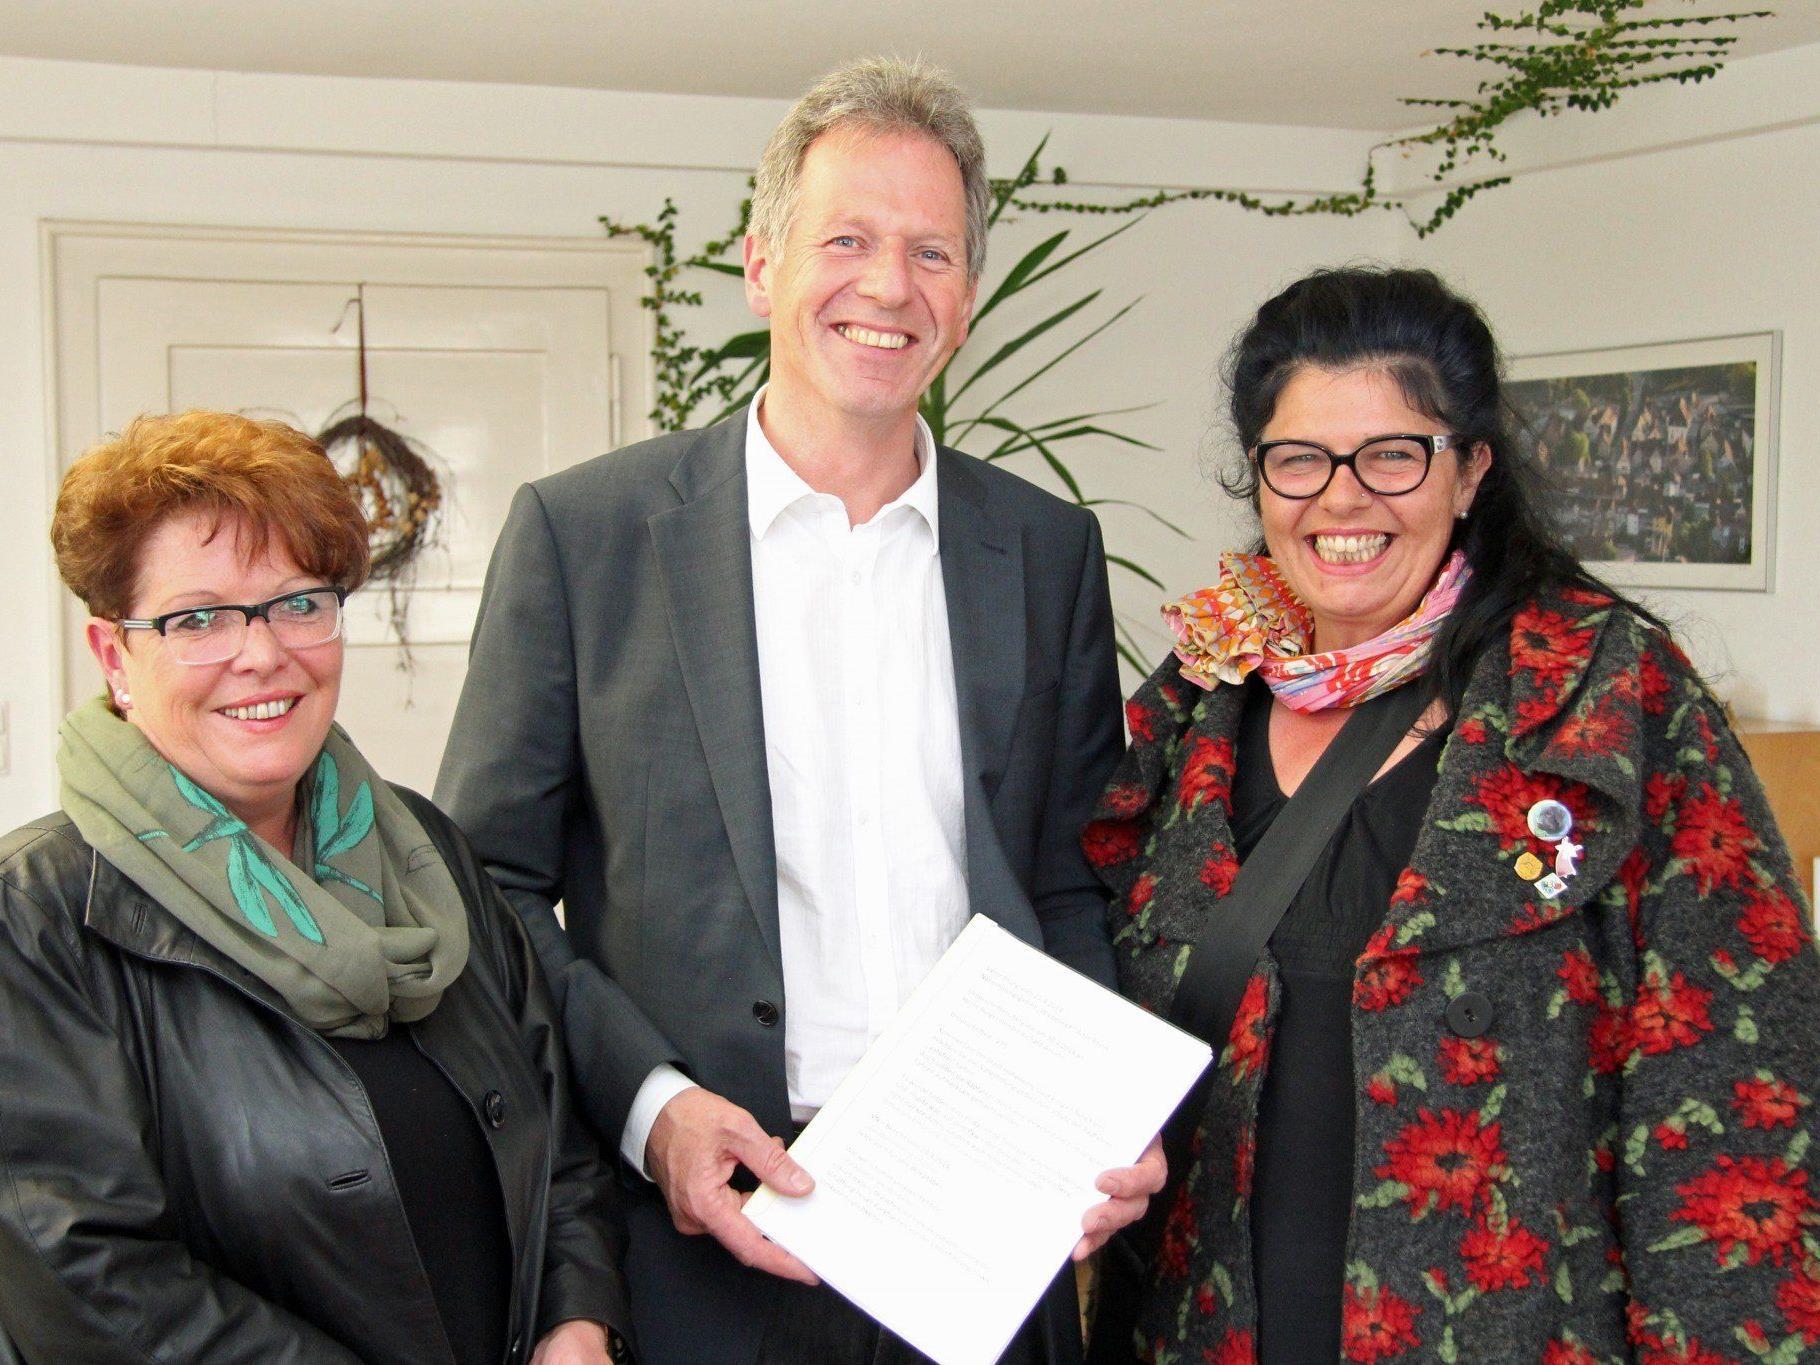 Brigitte Fleisch, Bürgermeister Richard Amann und Ilse Rüdisser fanden einen Kompromiss.